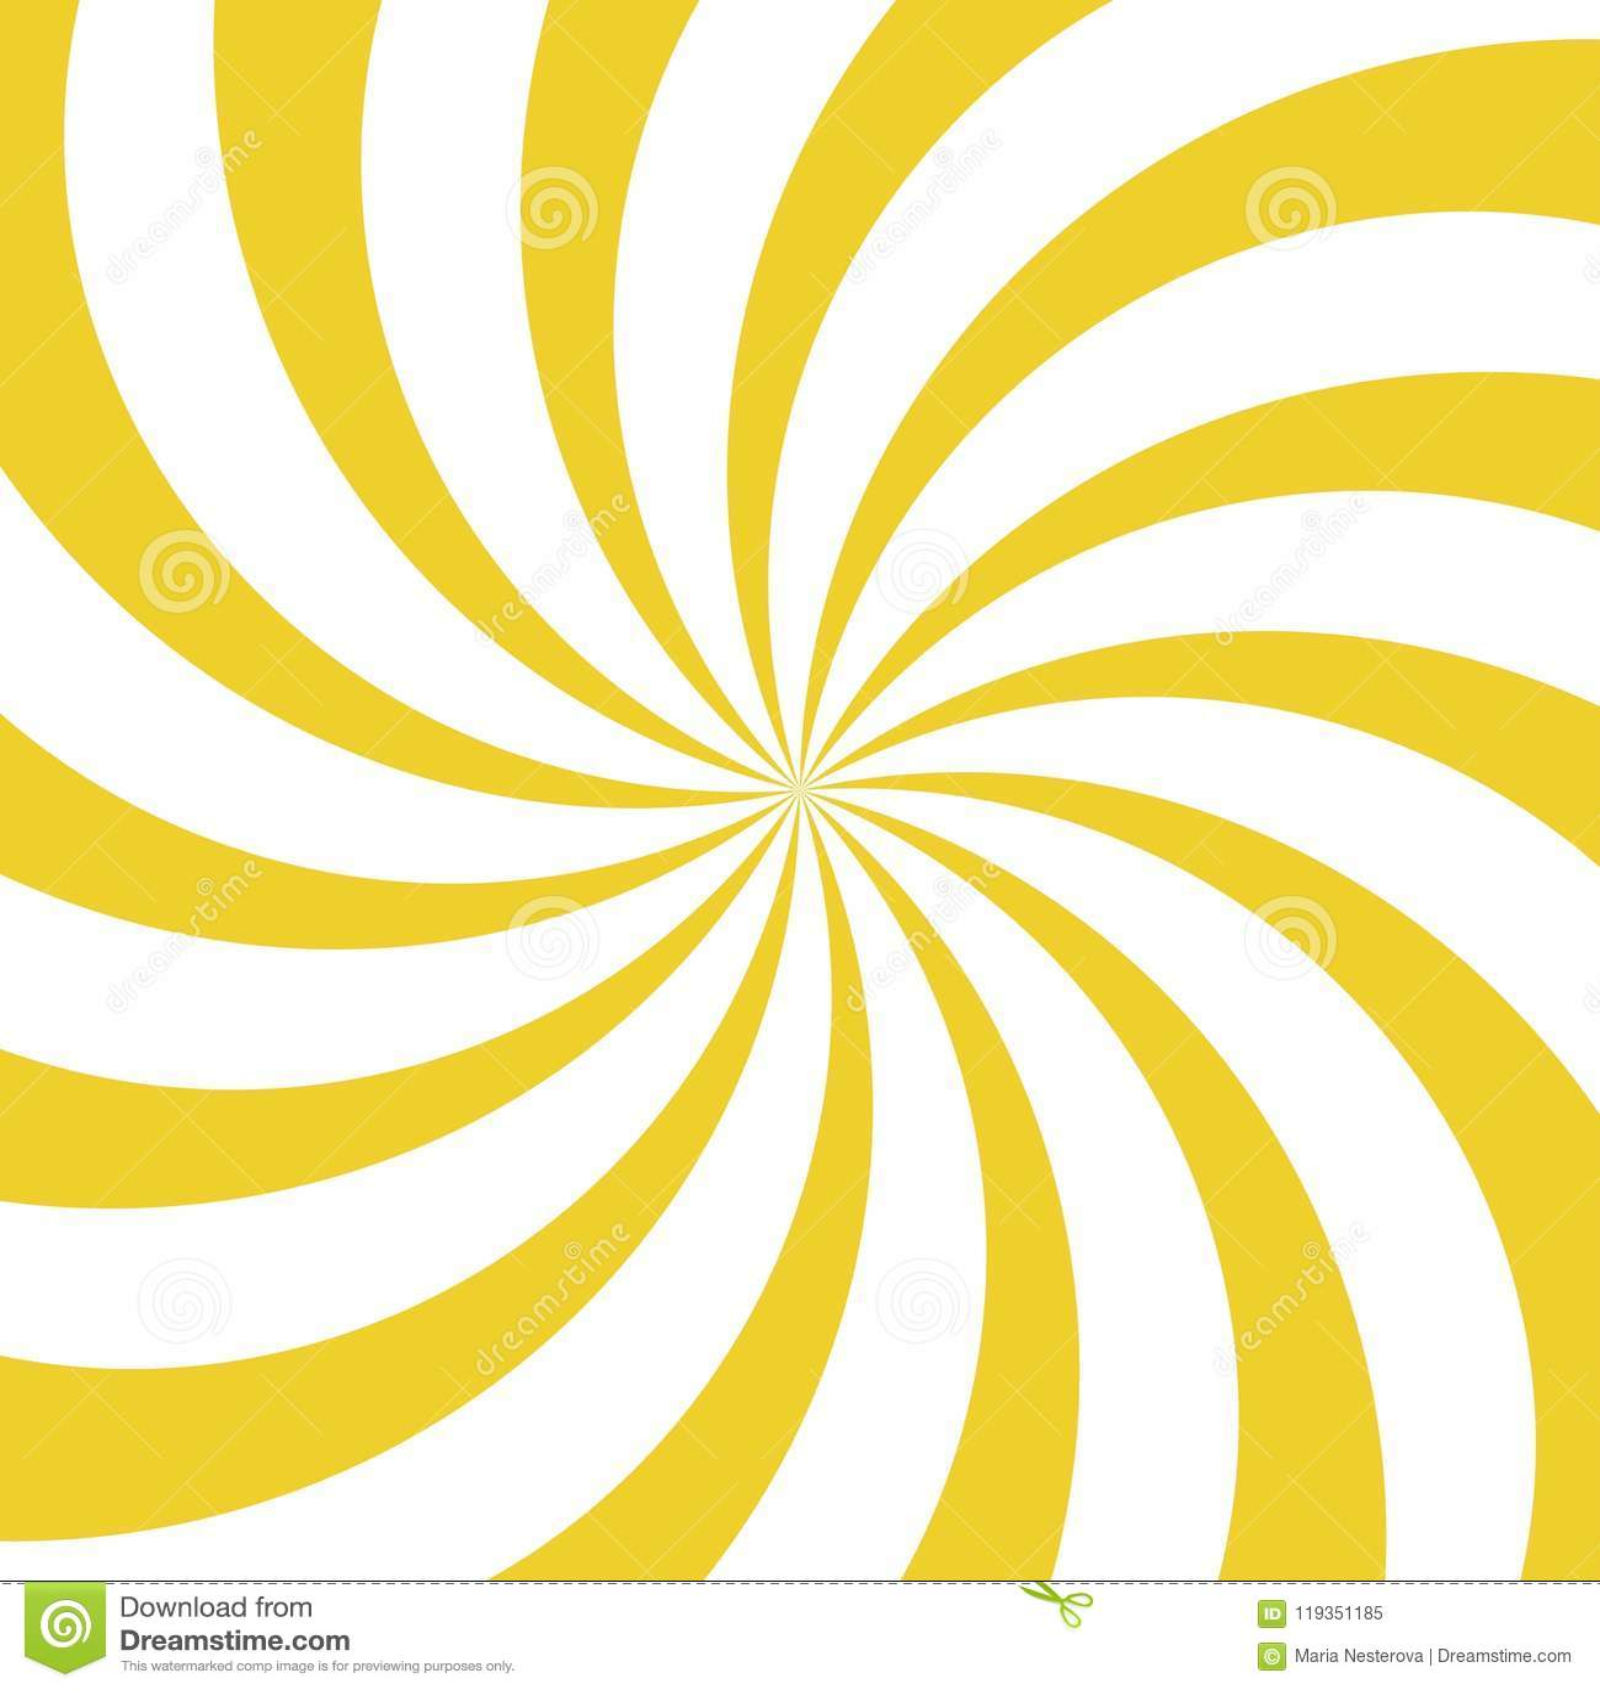 Fondo del giro de la luz del sol Fondo amarillo y blanco de explosión de color Ilustración del vector